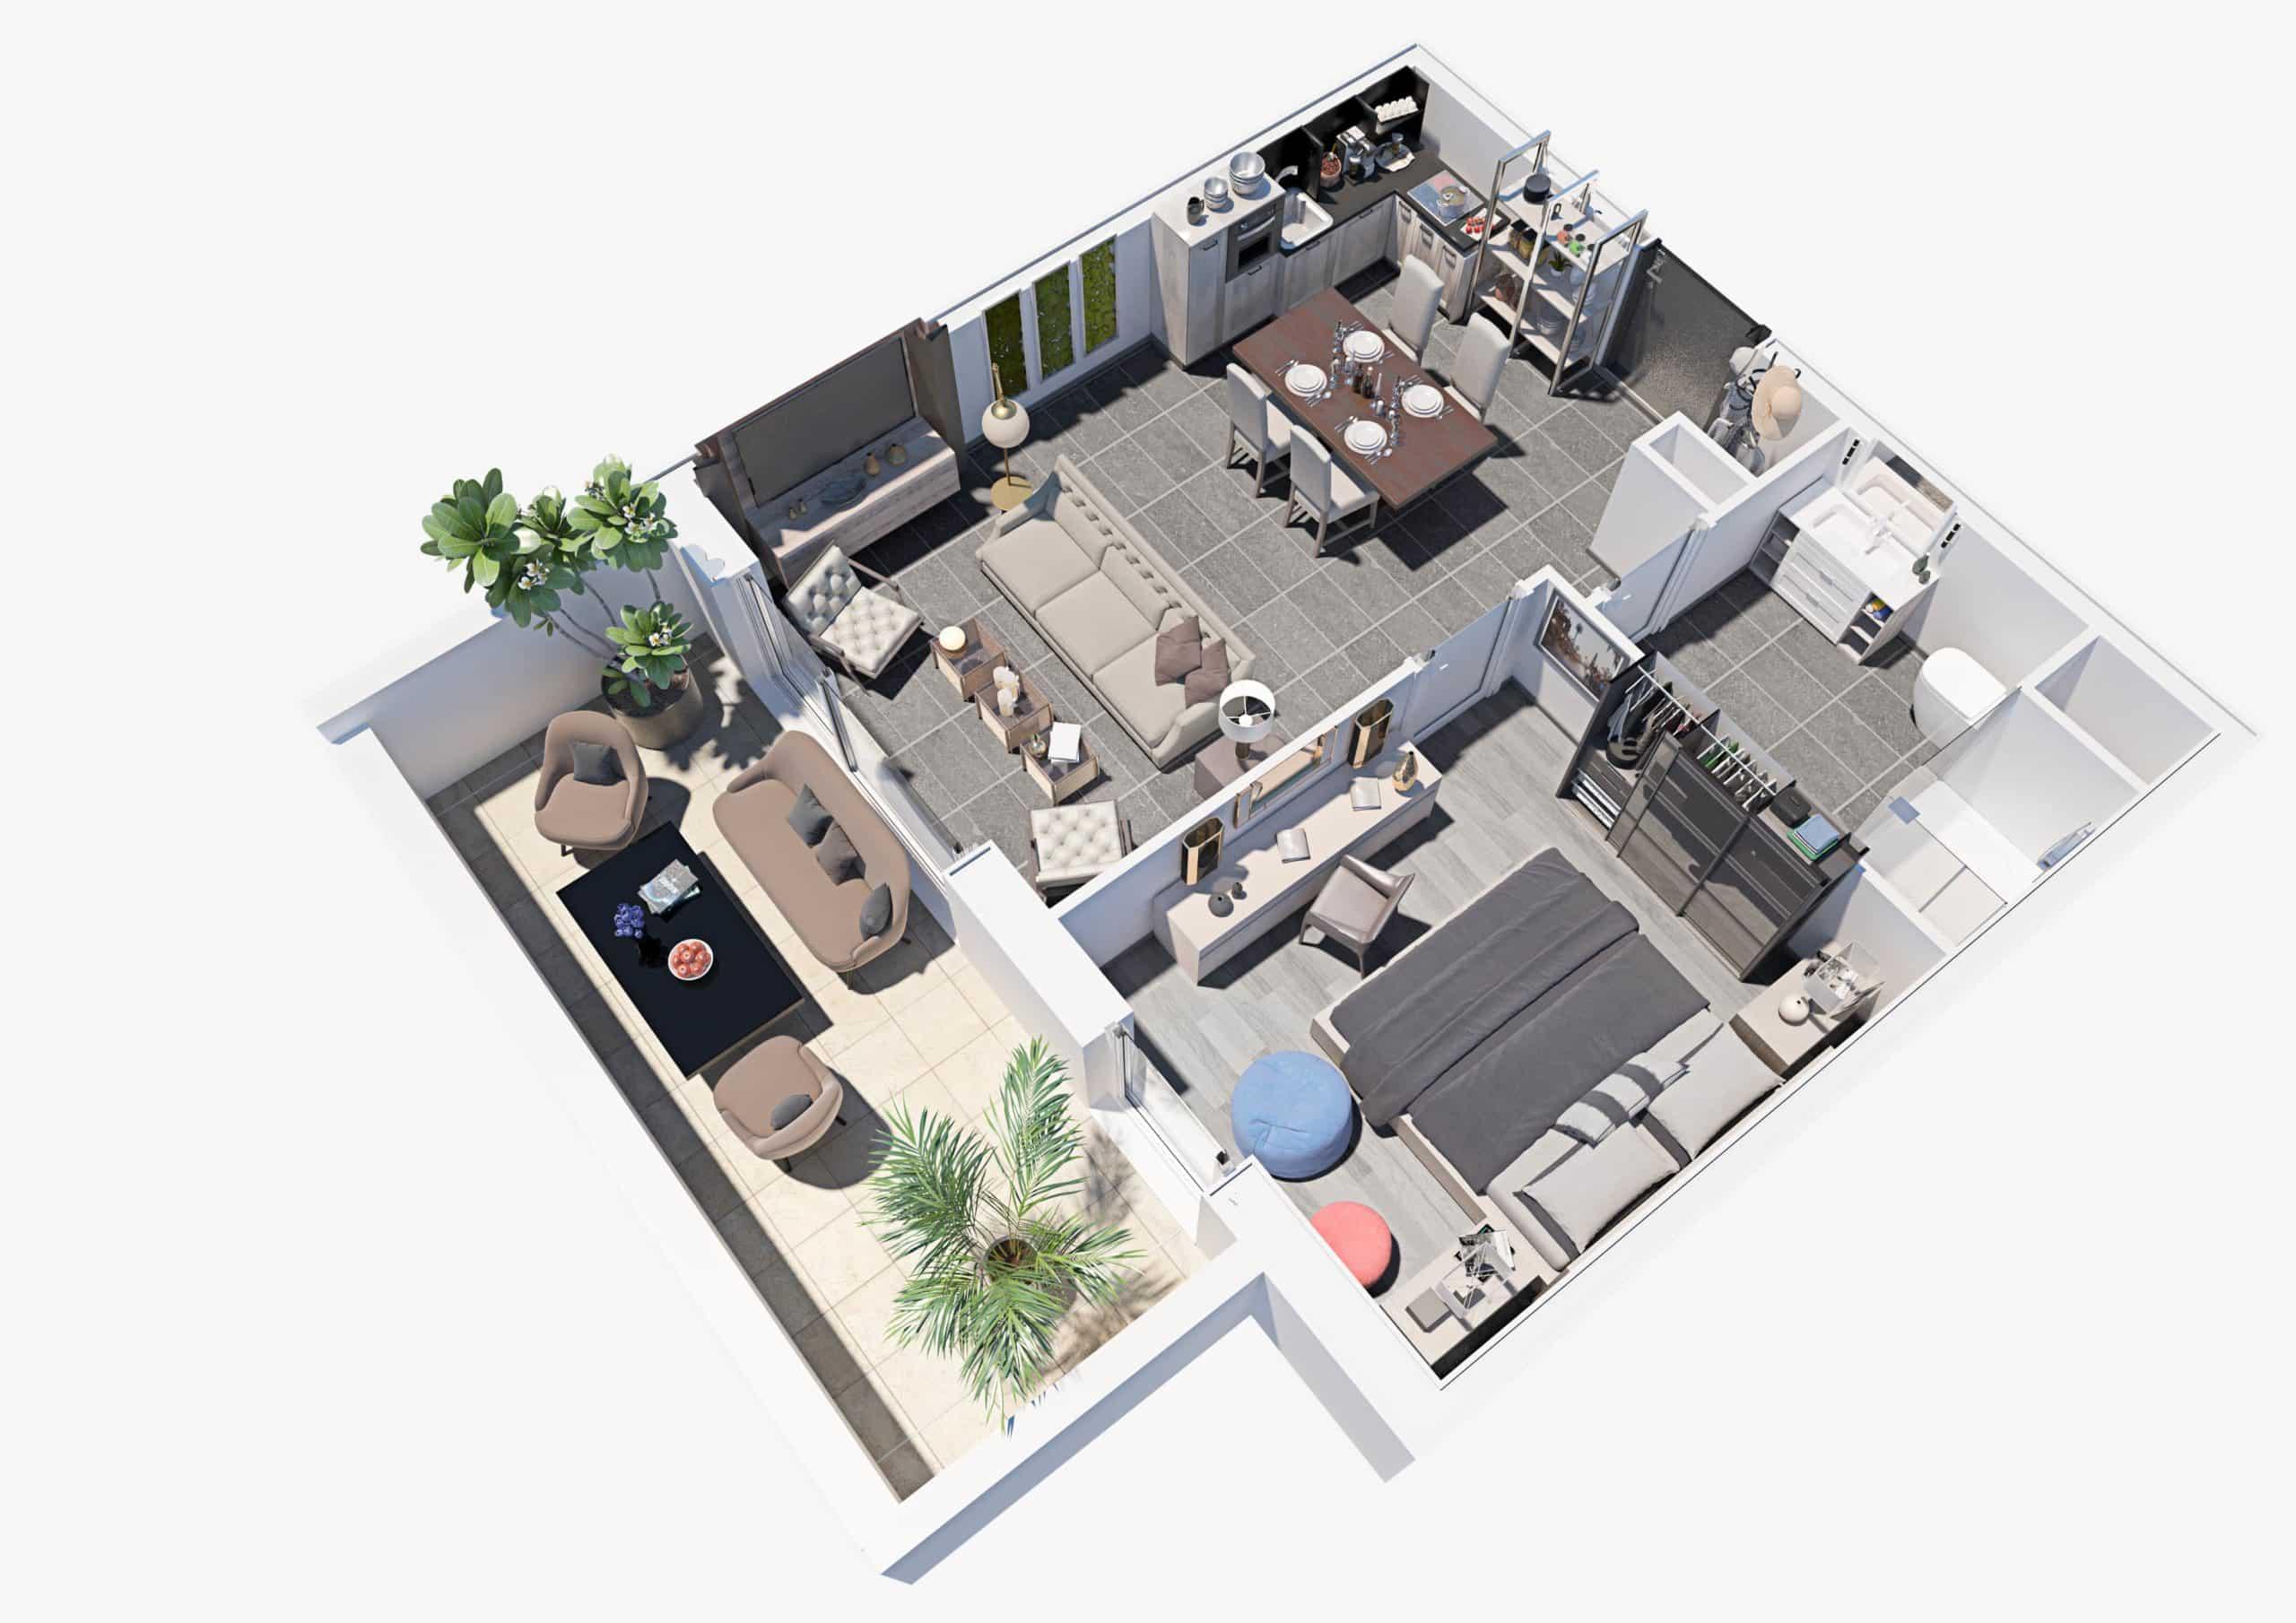 plan de vente_3d_architecture